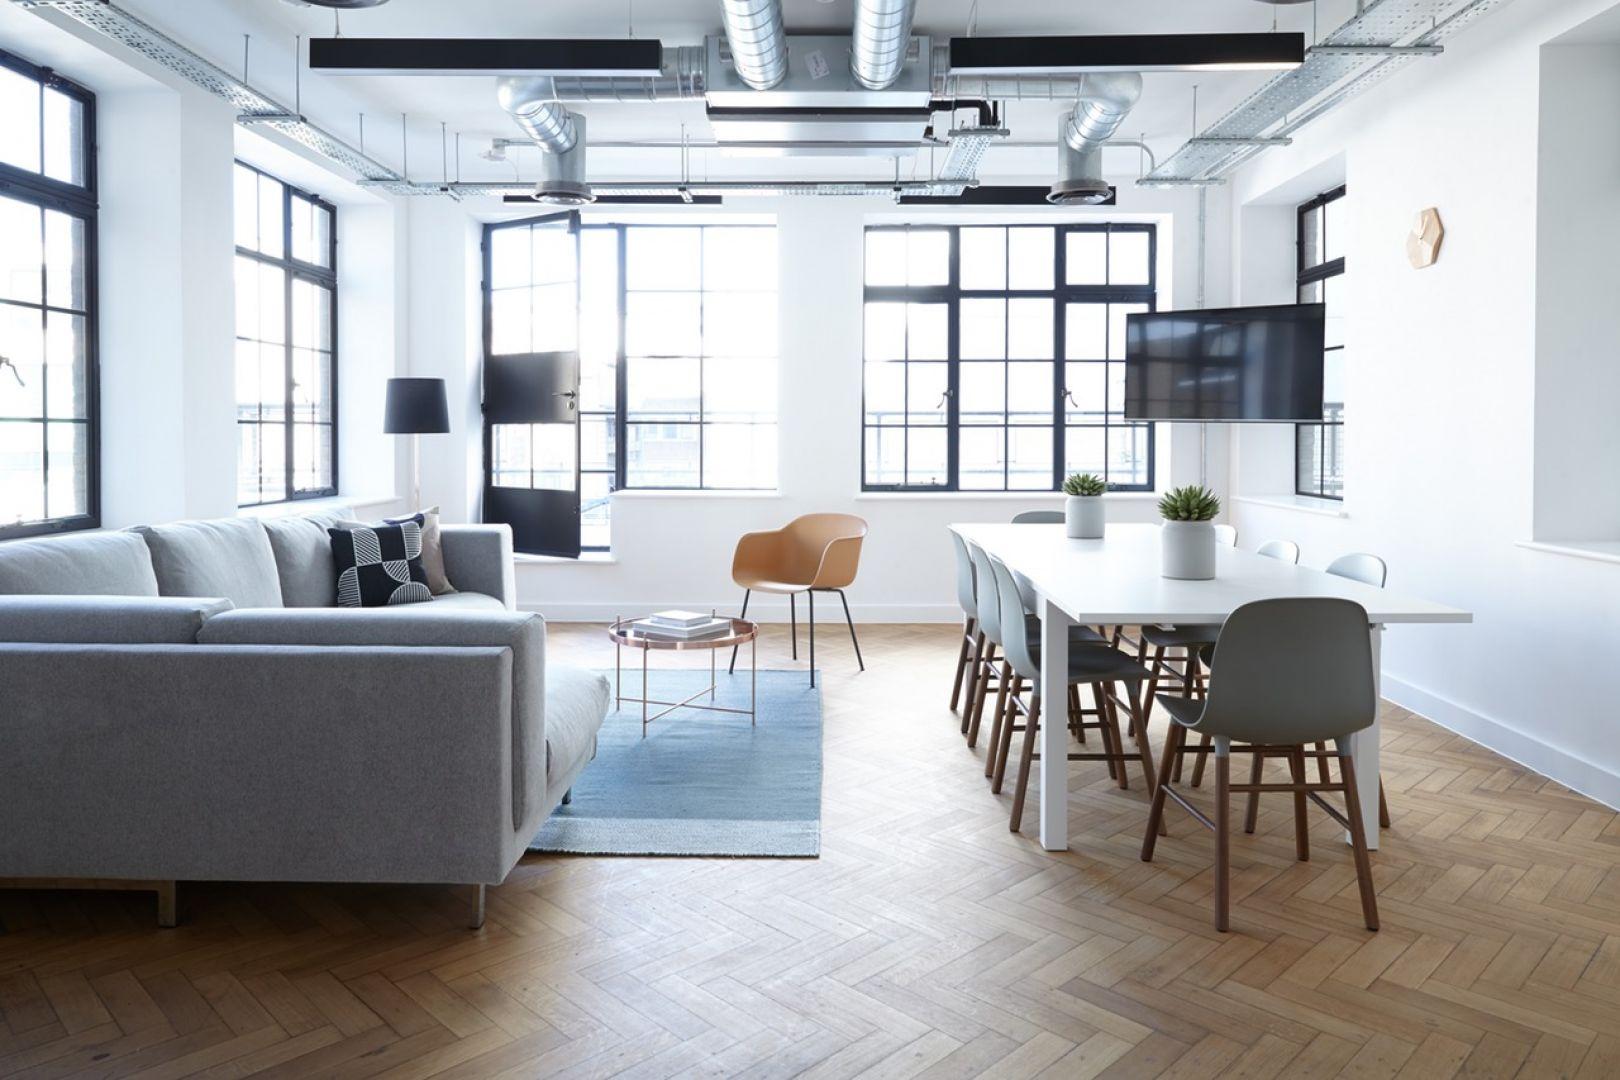 Podłogi o wyrazistych kolorach warto wybierać ostrożnie. Pamiętaj, że podłoga często okazuje się dominującym elementem wystroju wnętrza. Fot. Pixabay